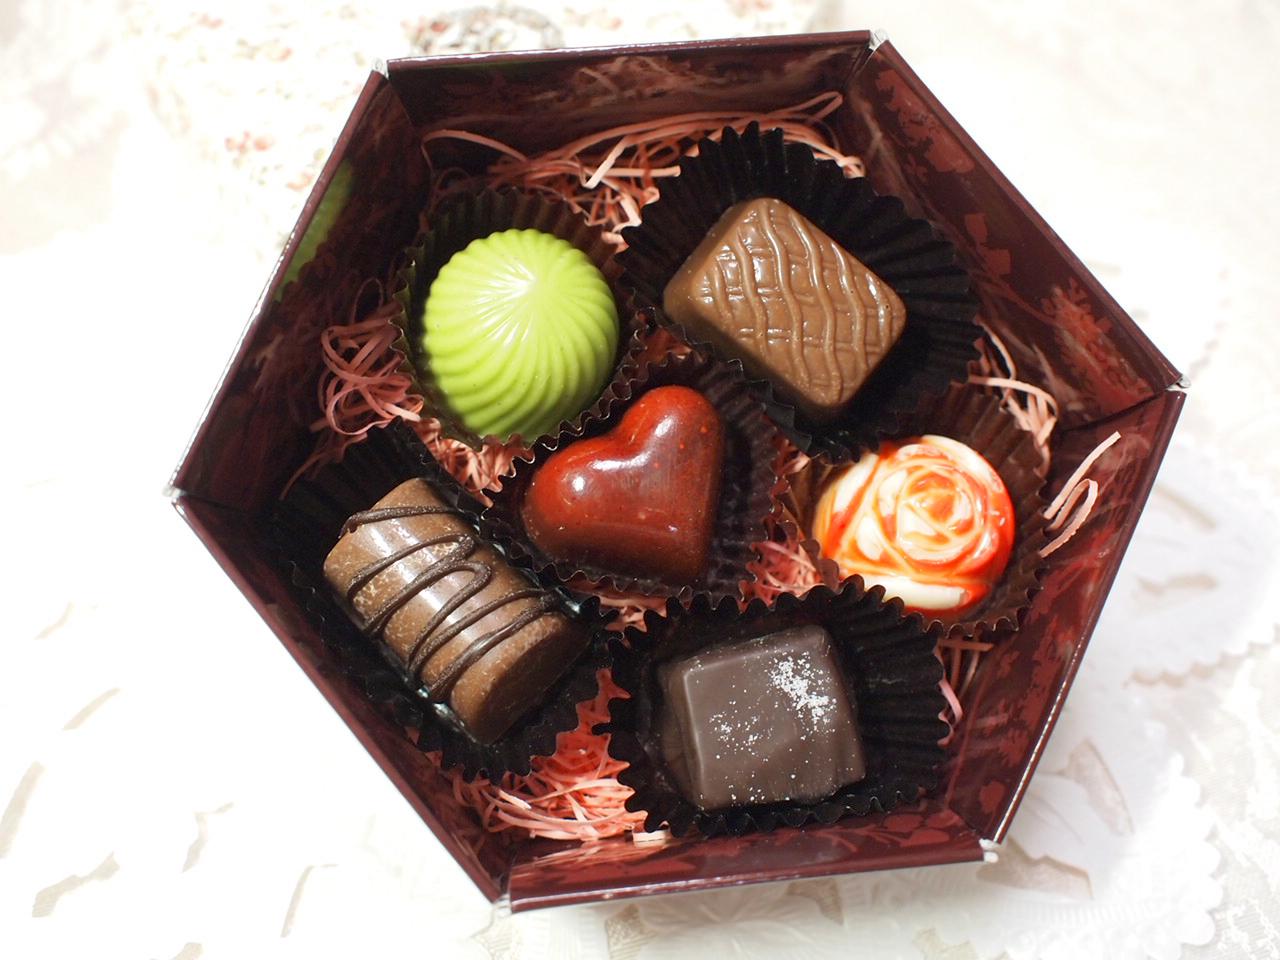 憧れのブランドバレンタインチョコレート&おすすめチョコレシピのサムネイル画像